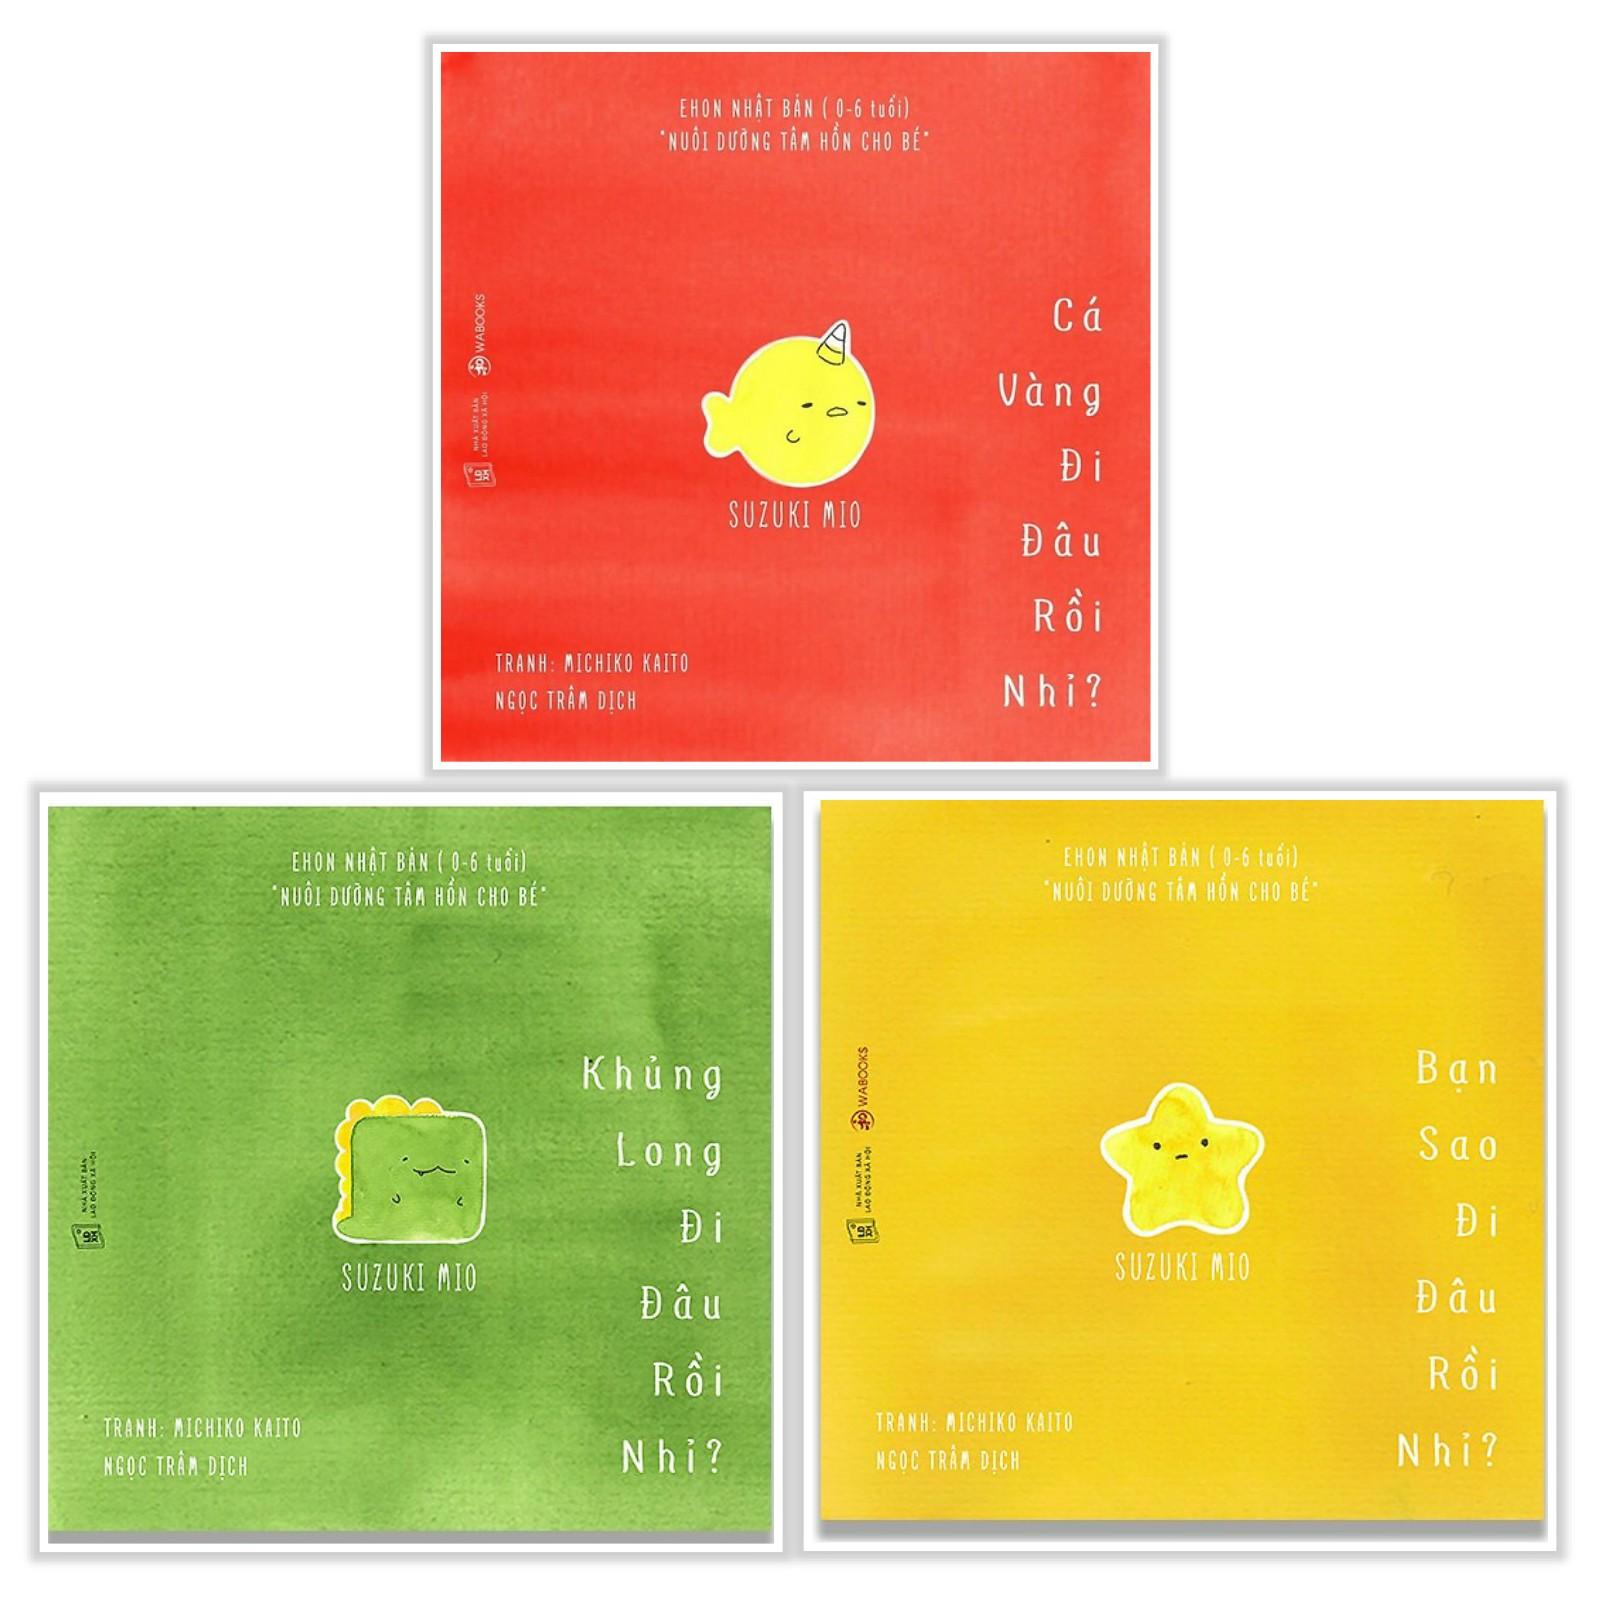 Combo Ehon Nhật Bản CHƠI TRỐN TÌM CÙNG NGƯỜI BẠN NGỘ NGHĨNH - ĐI ĐÂU THẾ: Cá Vàng Đi Đâu Rồi Nhỉ + Khủng Long Đi Đâu Rồi Nhỉ + Bạn Sao Đi Đâu Rồi Nhỉ (Bộ 3 cuốn phát triển trí tuệ 0 - 6 tuổi/ Tặng kèm Bookmark Happy Life)